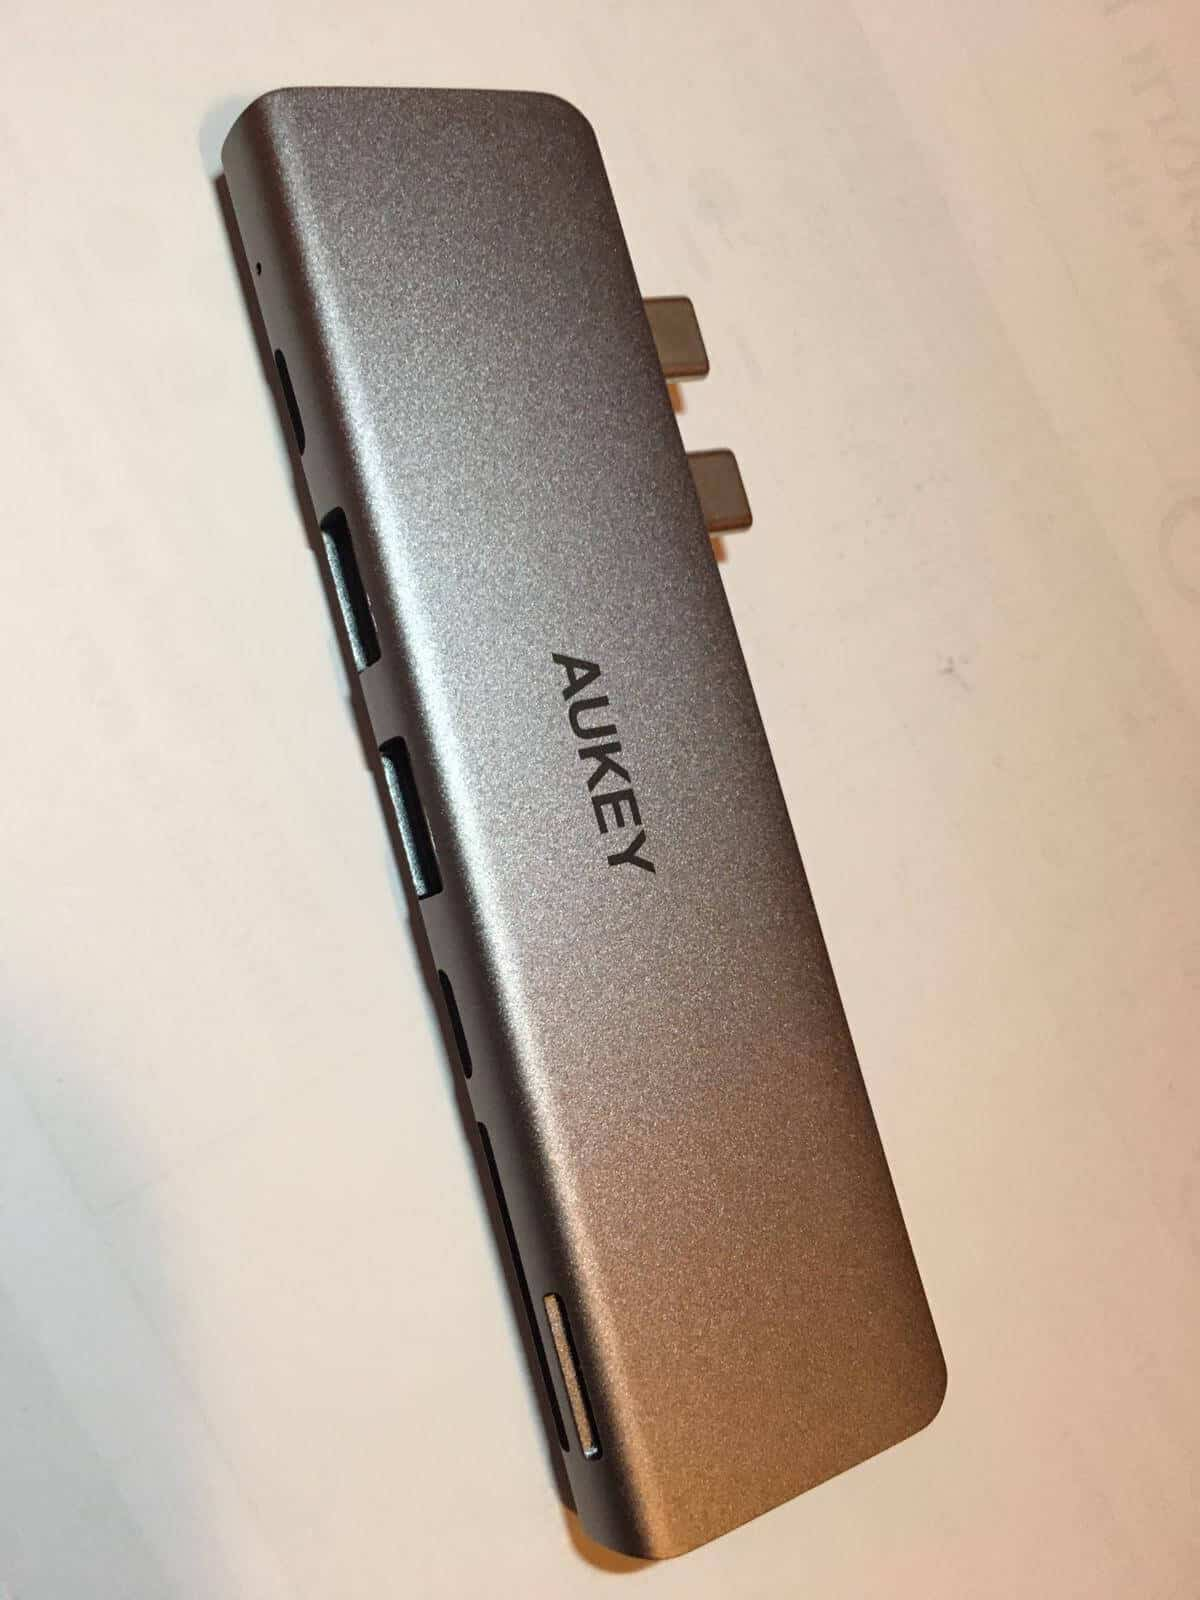 Recensione AUKEY multiport USB-C HUB 2